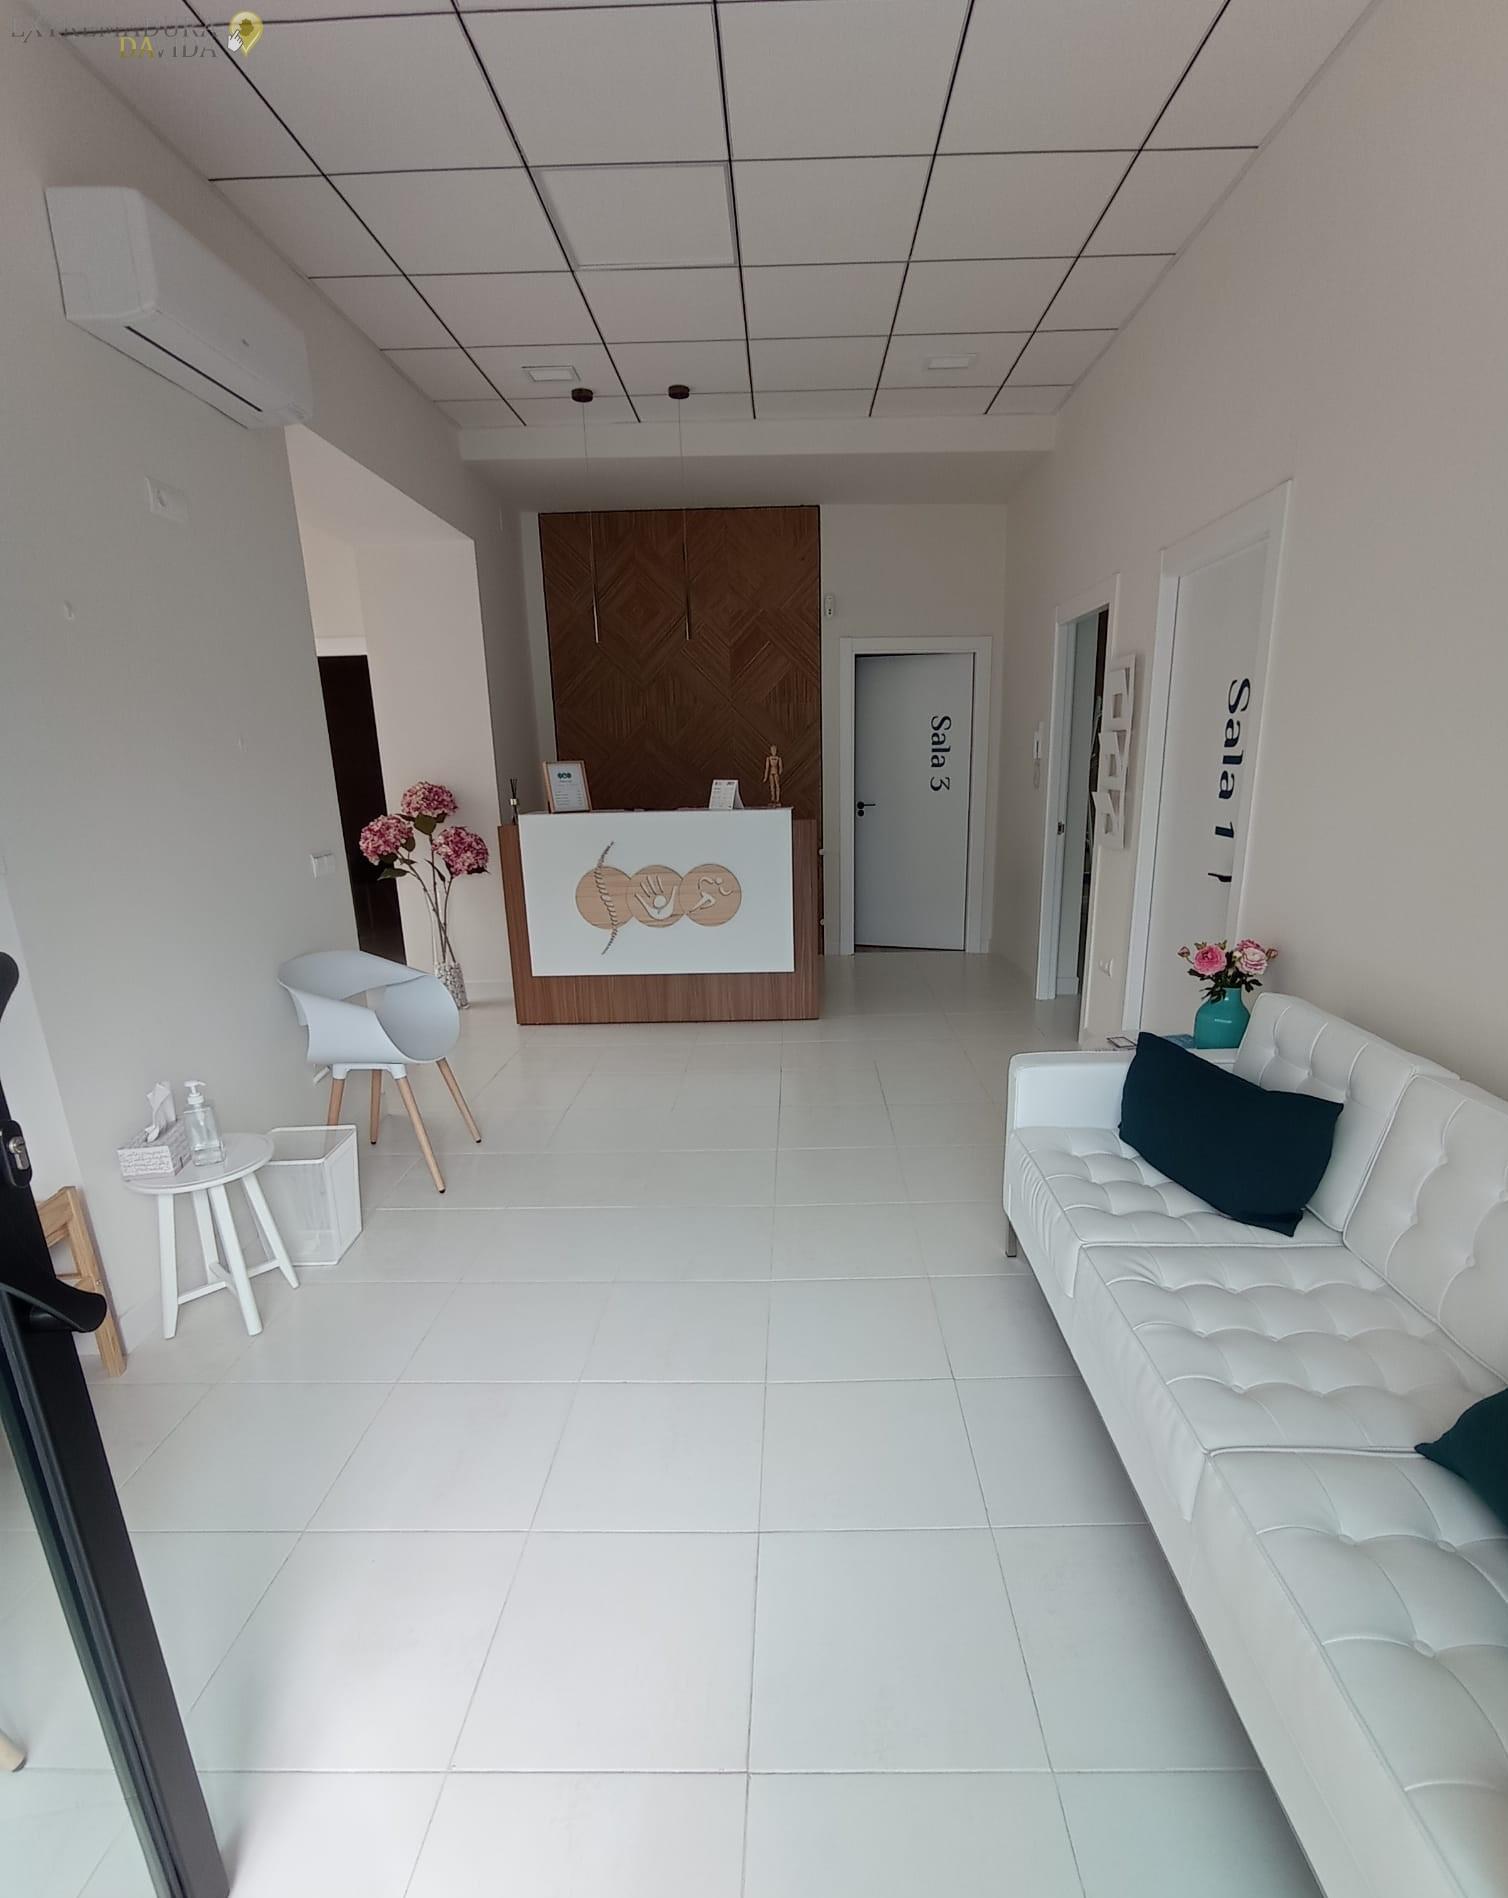 Fisioterapia Osteopatía en Almendralejo Sara Ruíz